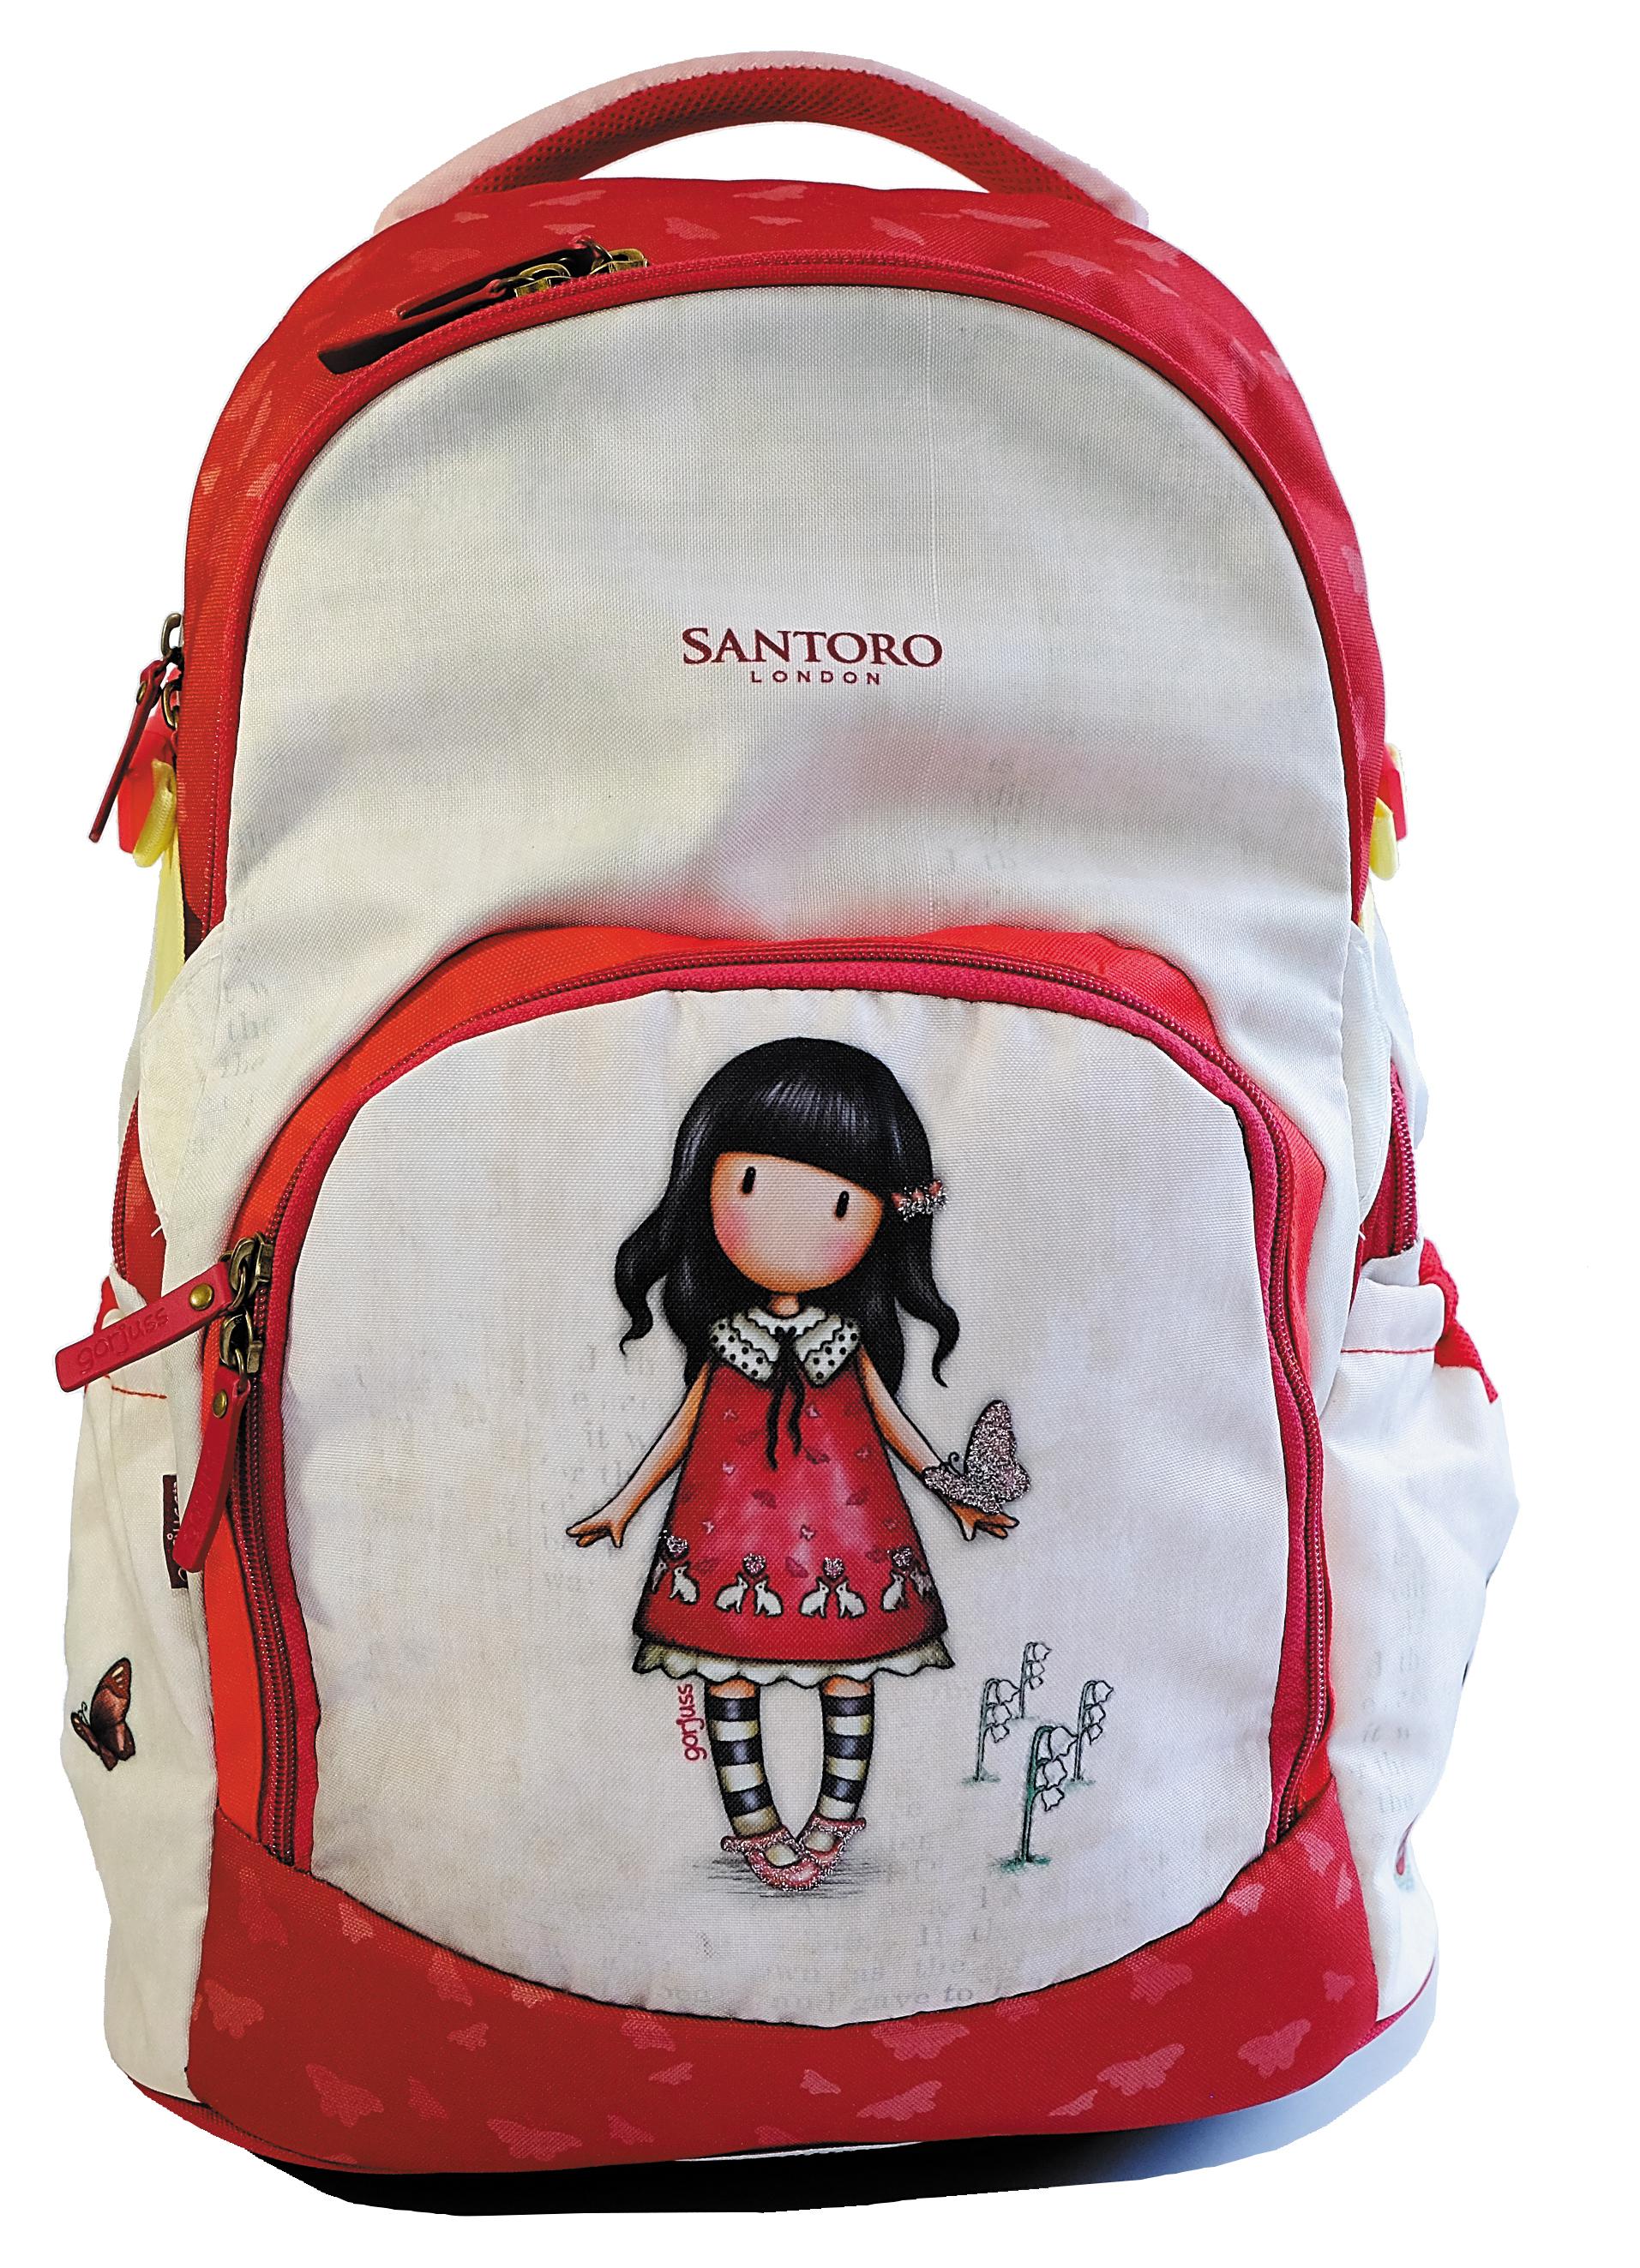 Santoro London - Batoh školní 25l - Gorjuss - Time To Fly